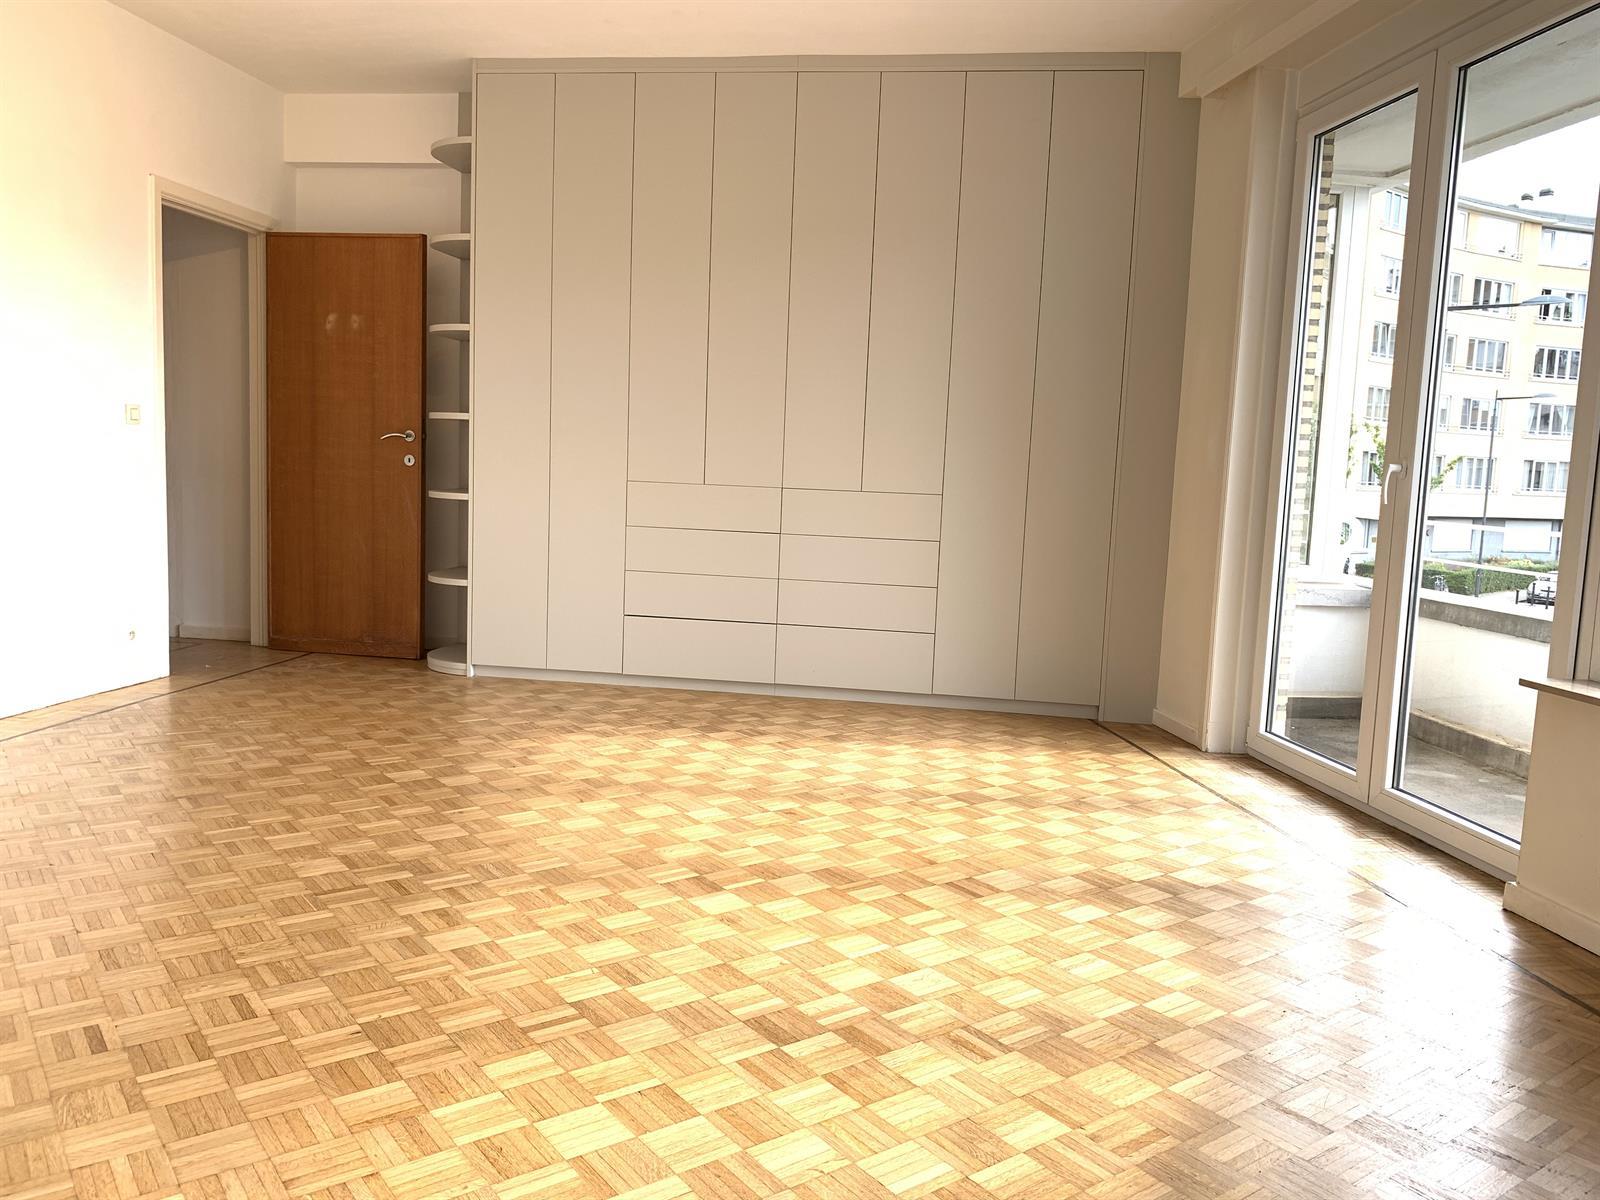 Appartement - Etterbeek - #4224211-11